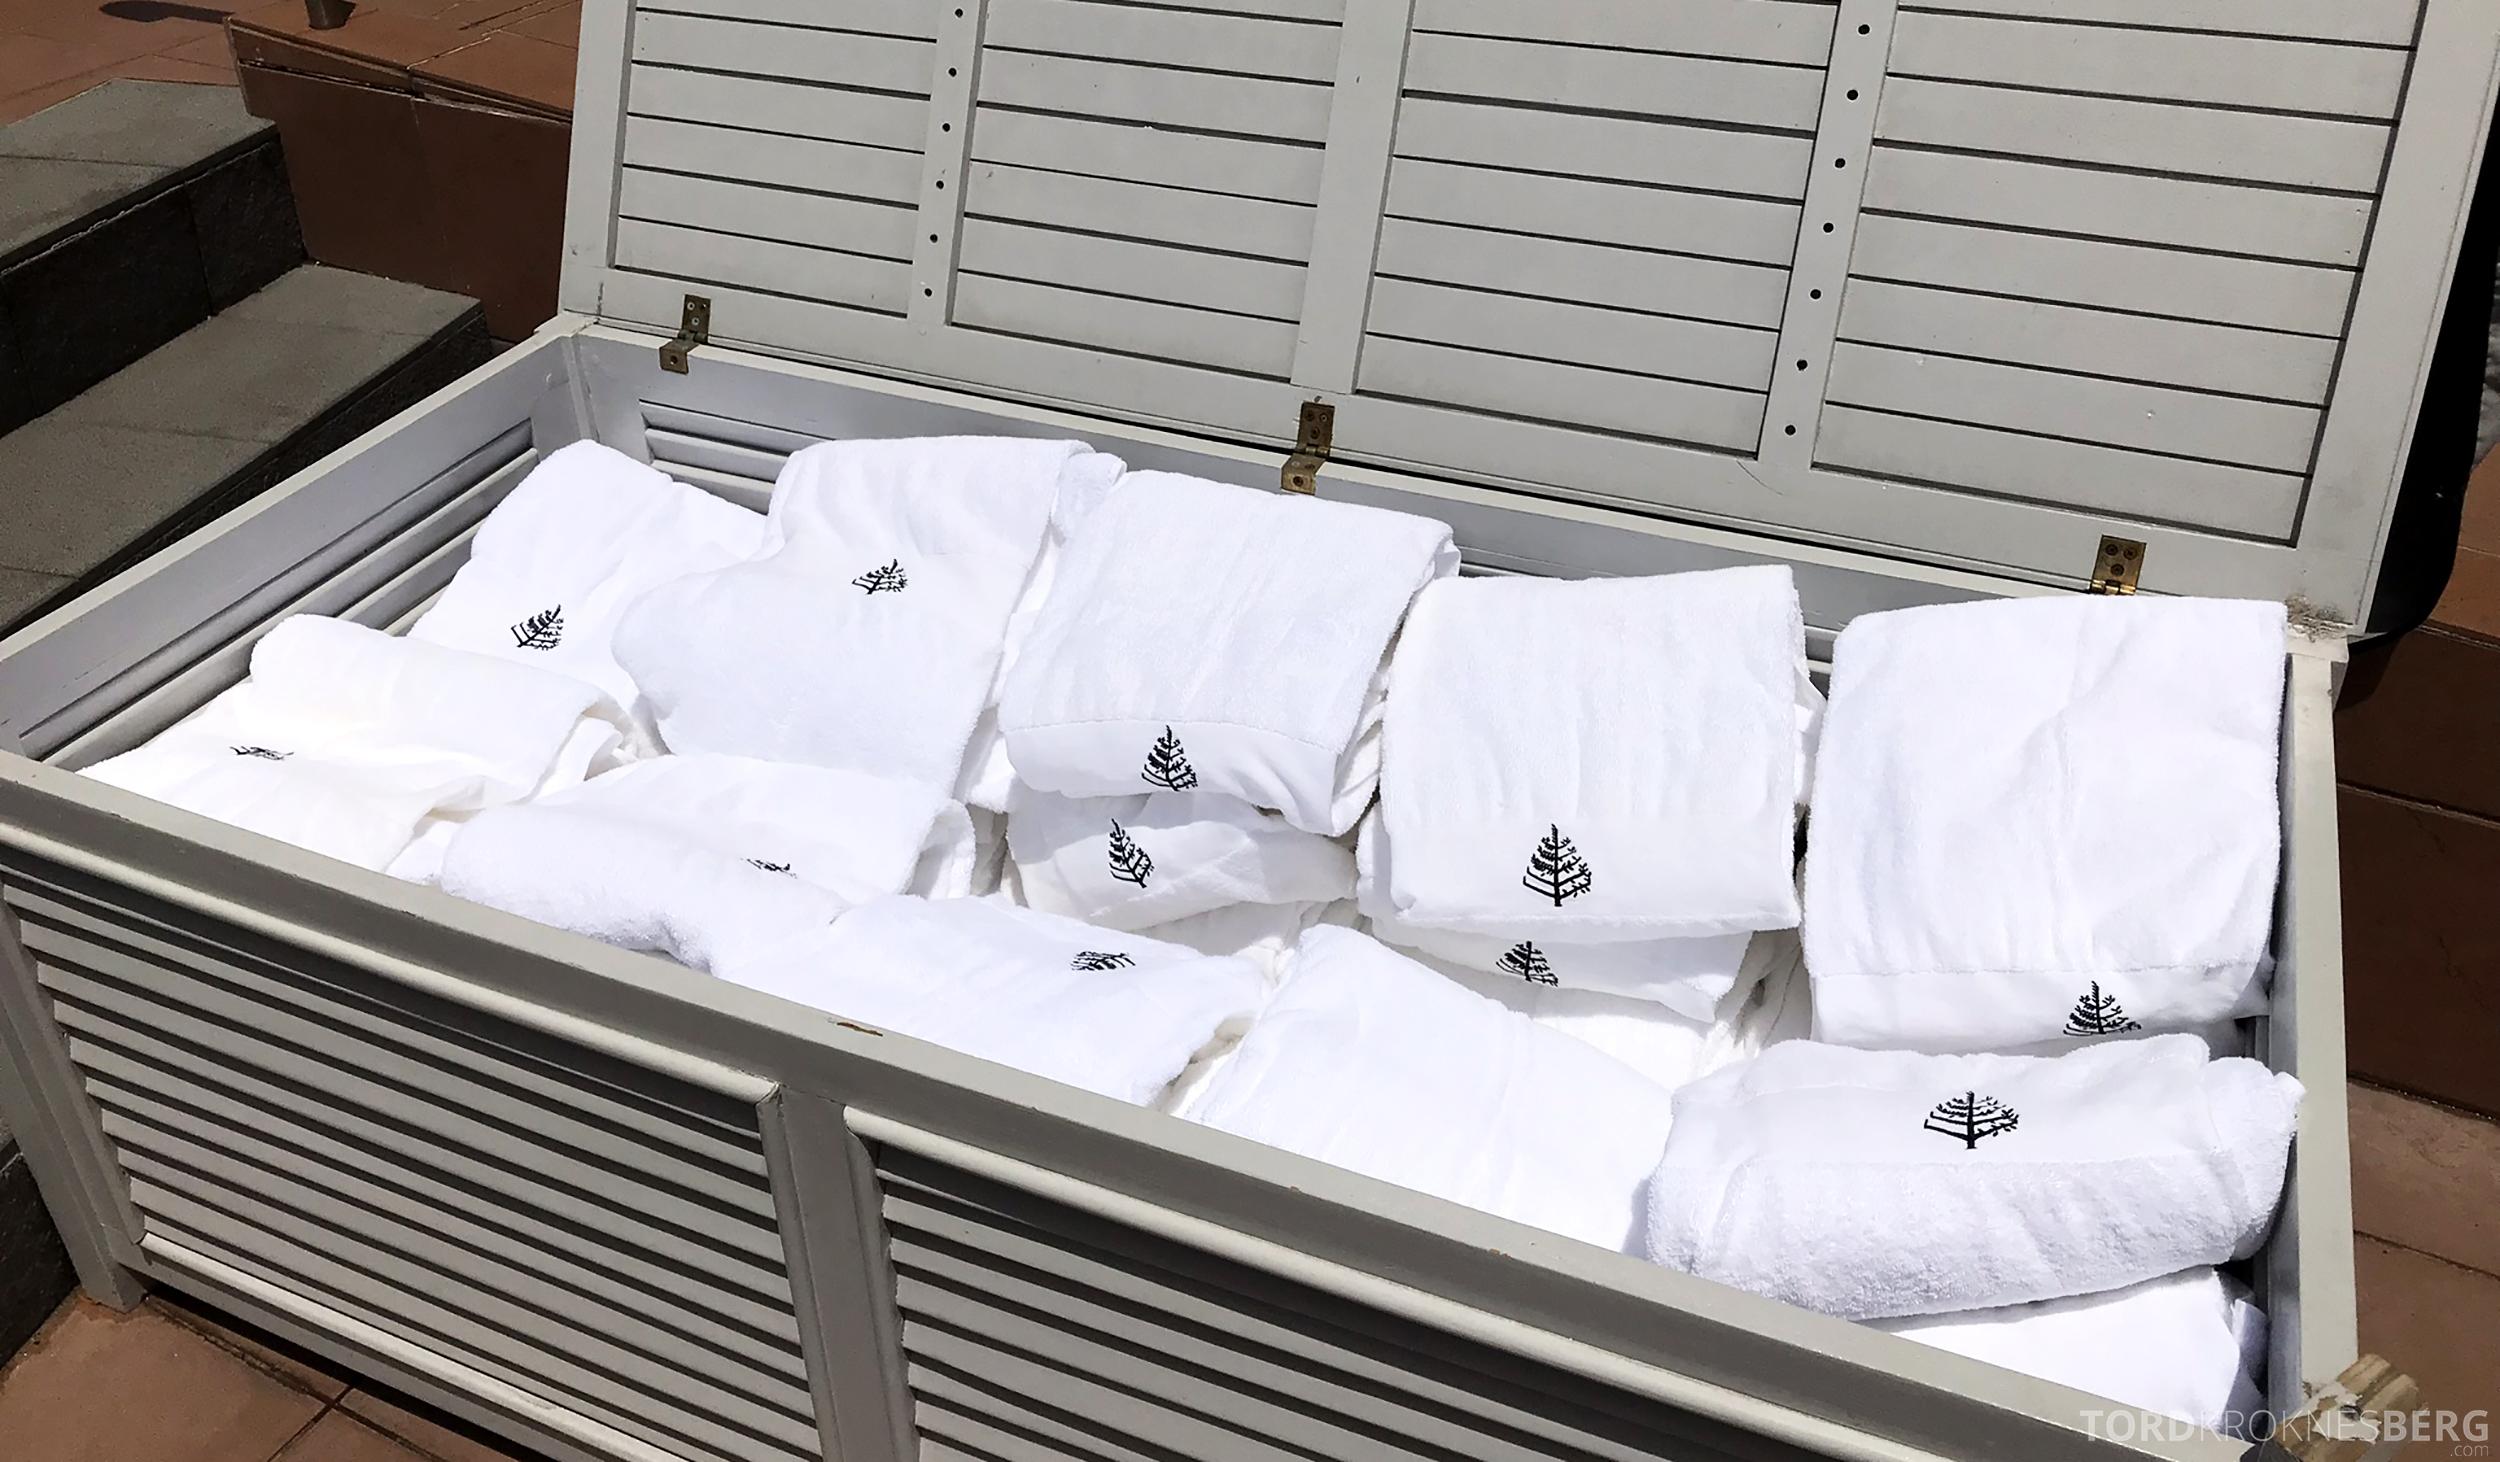 Four Seasons Hotel Sydney håndklær